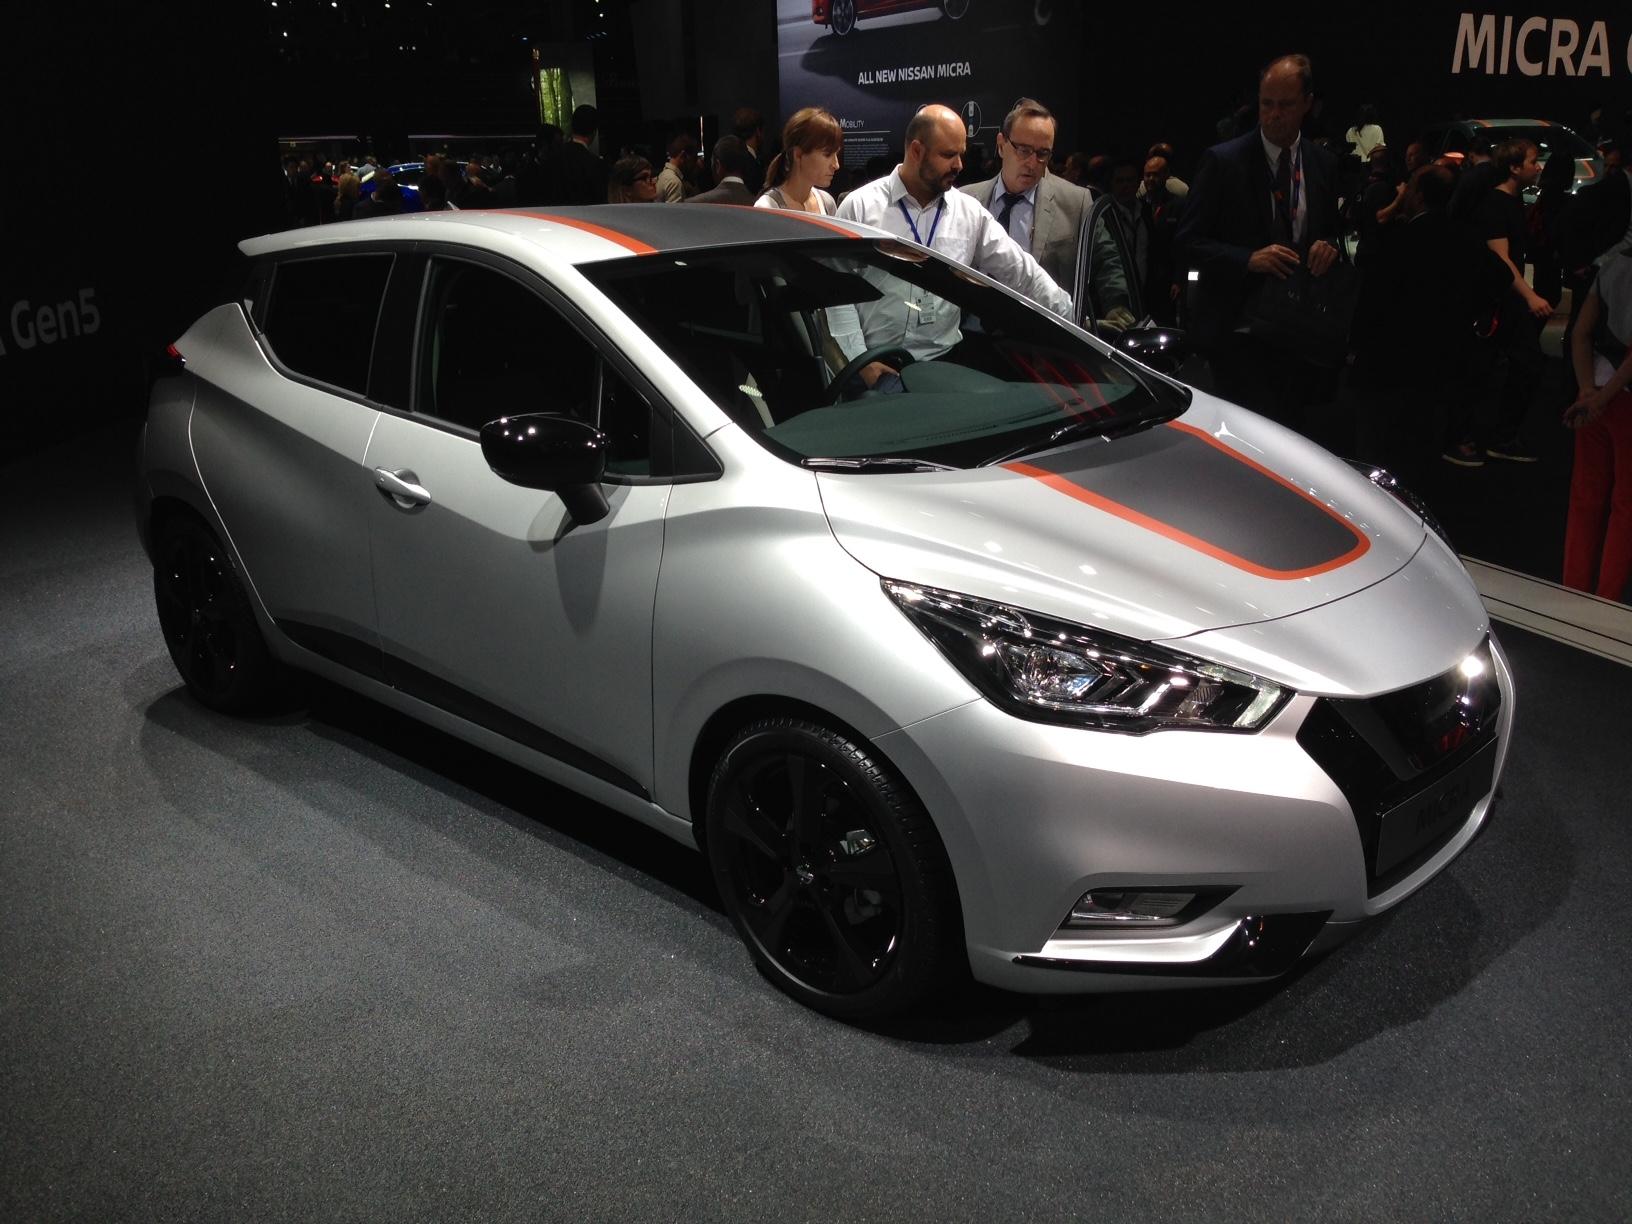 2016 - [Nissan] Micra - Page 11 S0-retrouvez-nous-demain-en-live-pour-la-premiere-mondiale-de-la-nissan-micra-387479